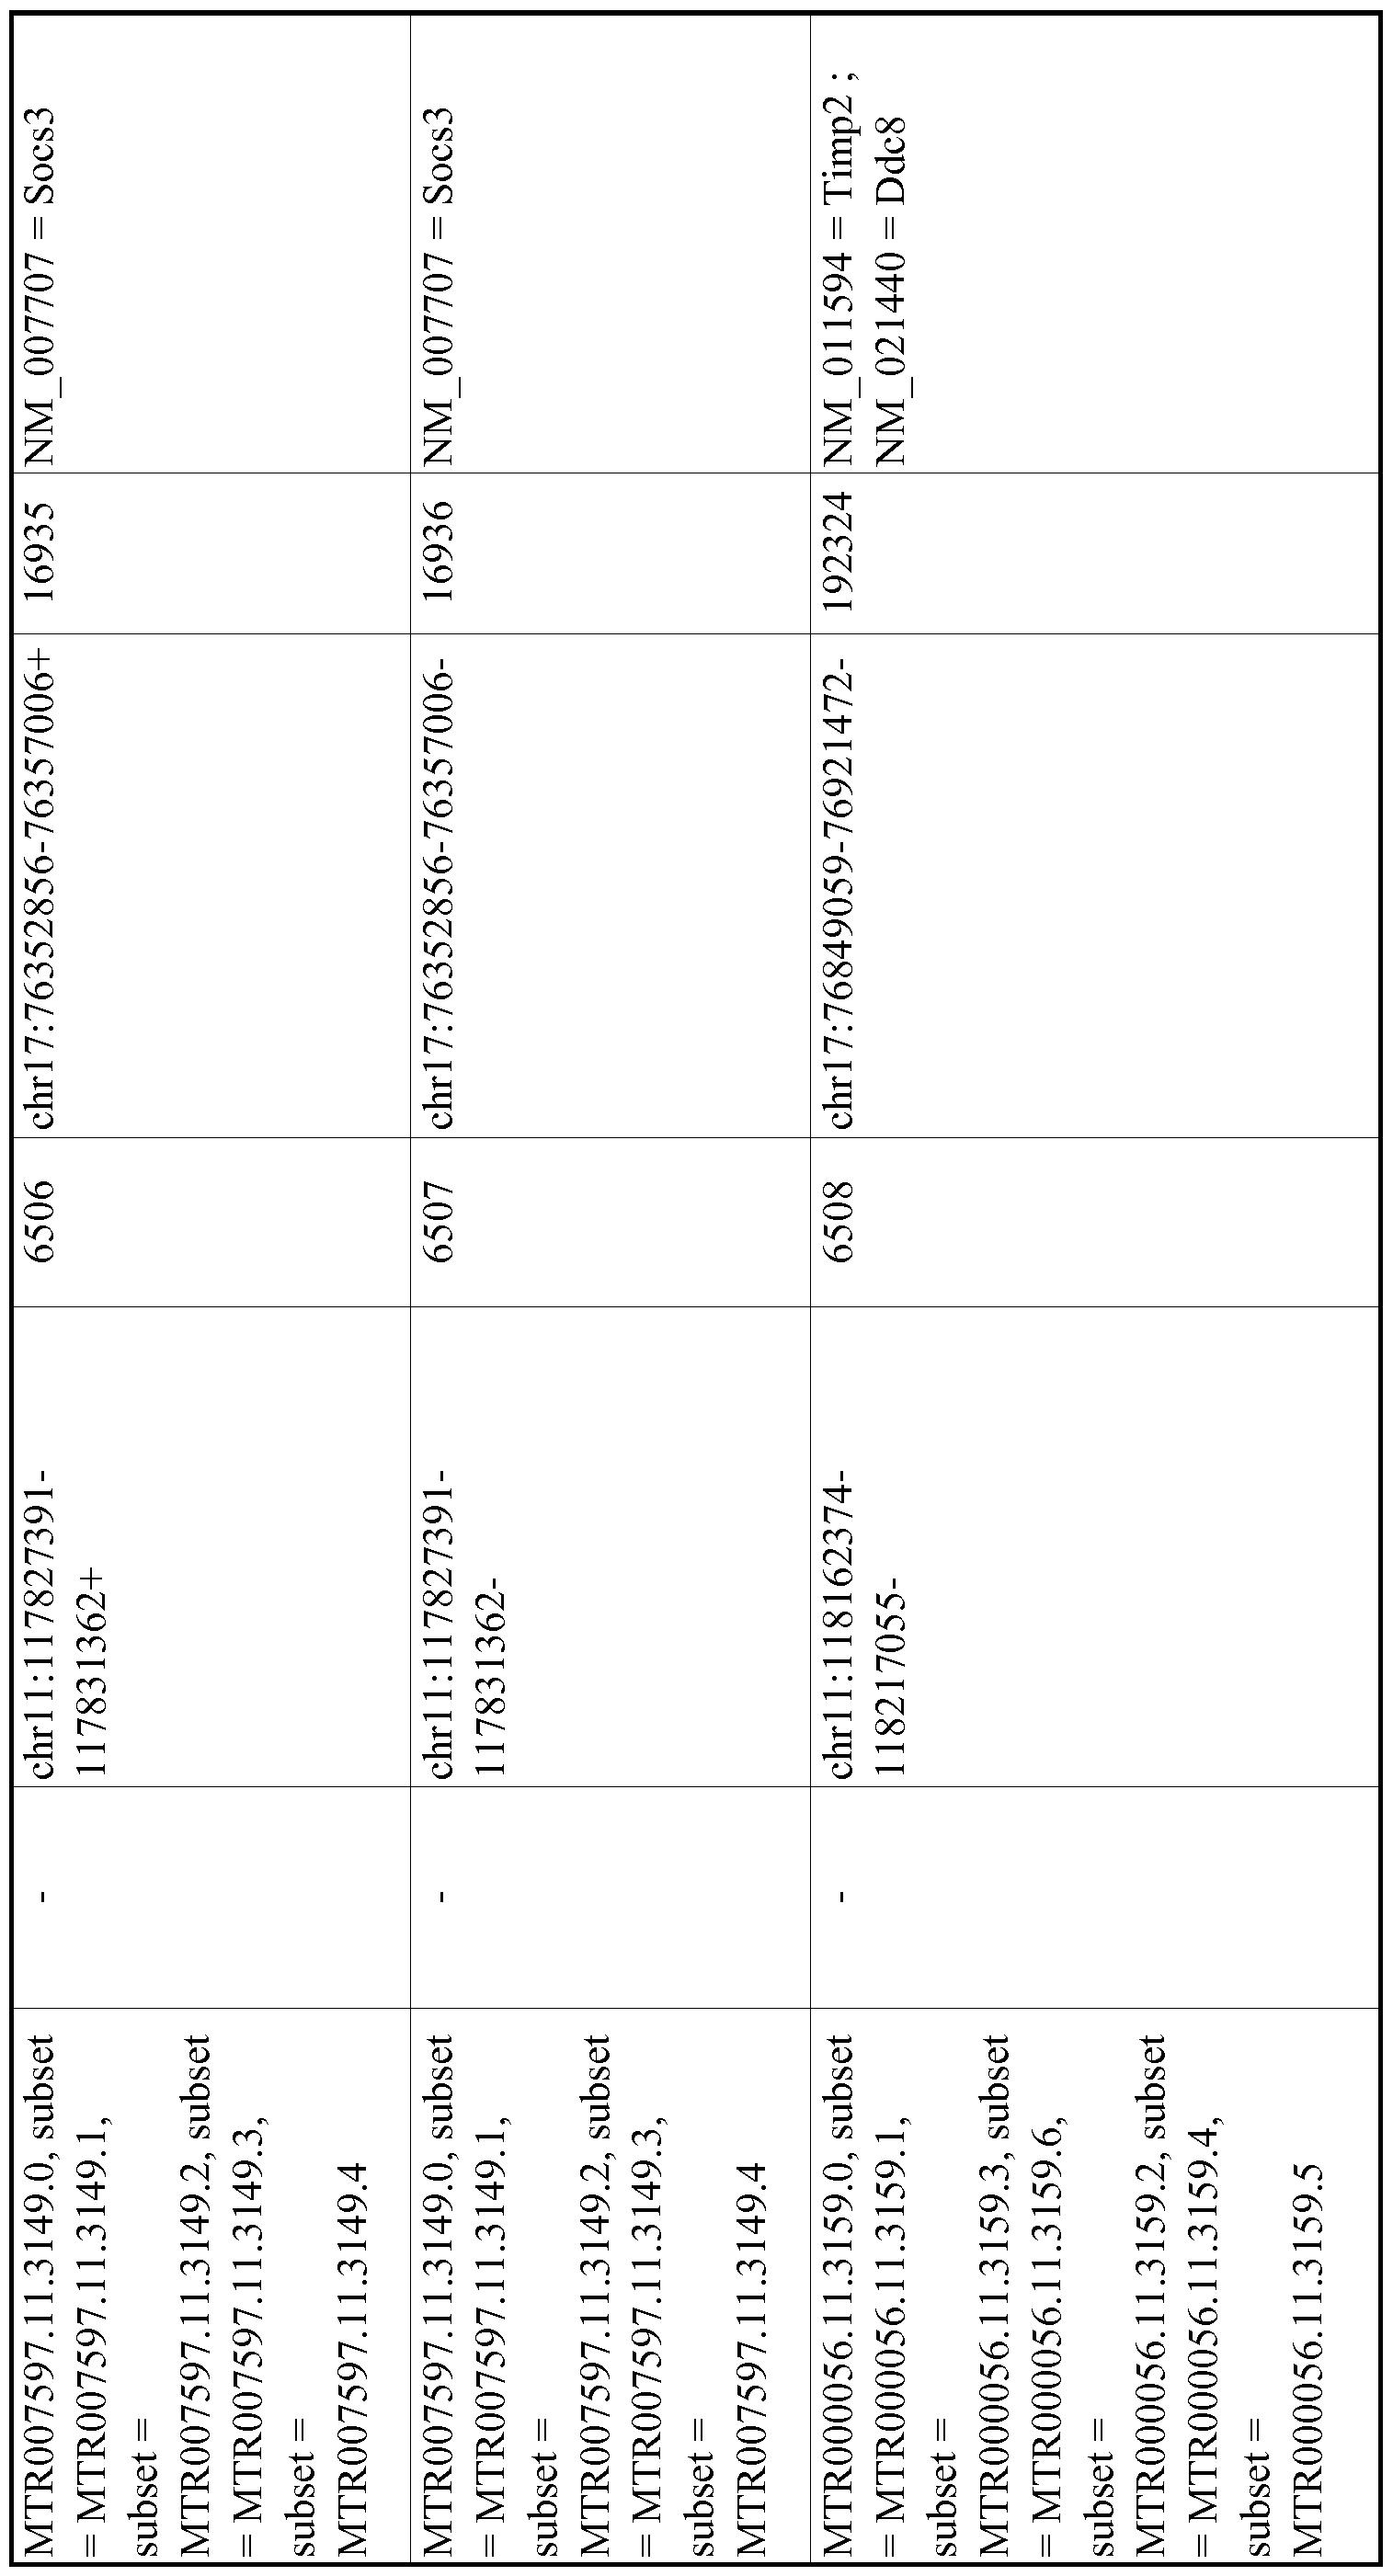 Figure imgf001166_0001